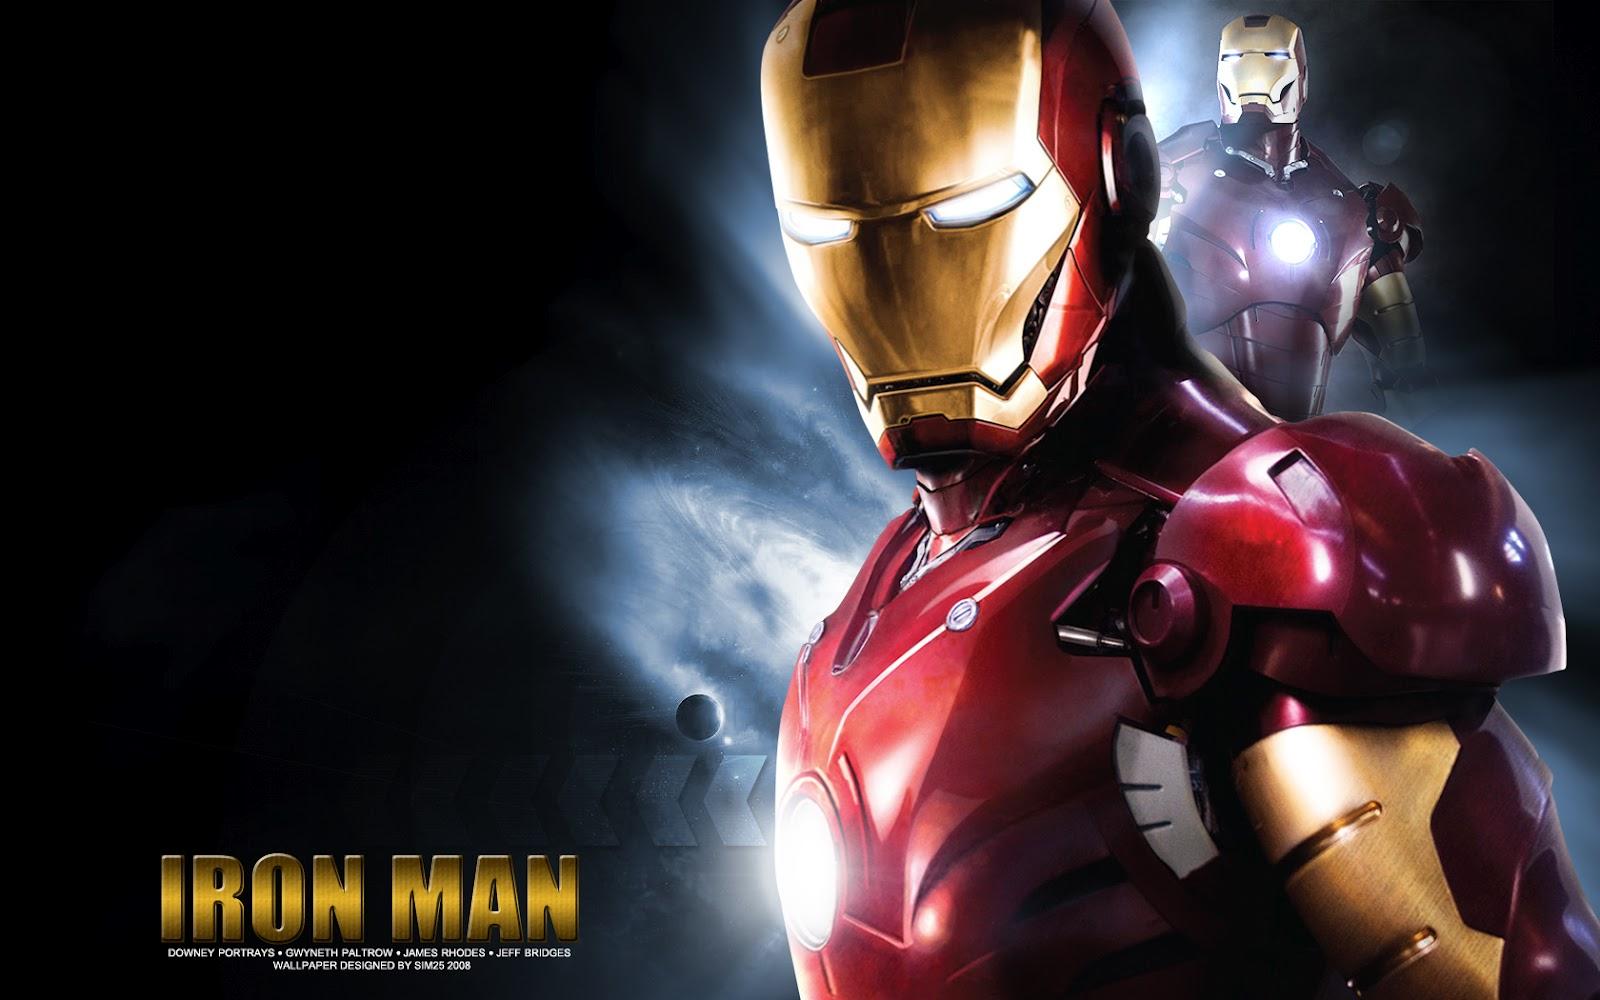 http://1.bp.blogspot.com/-J-yyU0Ope2Q/T6heAXyahMI/AAAAAAAAAEs/NEPblOlwHOs/s1600/American-Movie-Iron-Man-2008-HD-Desktop-Wallpaperi.jpg